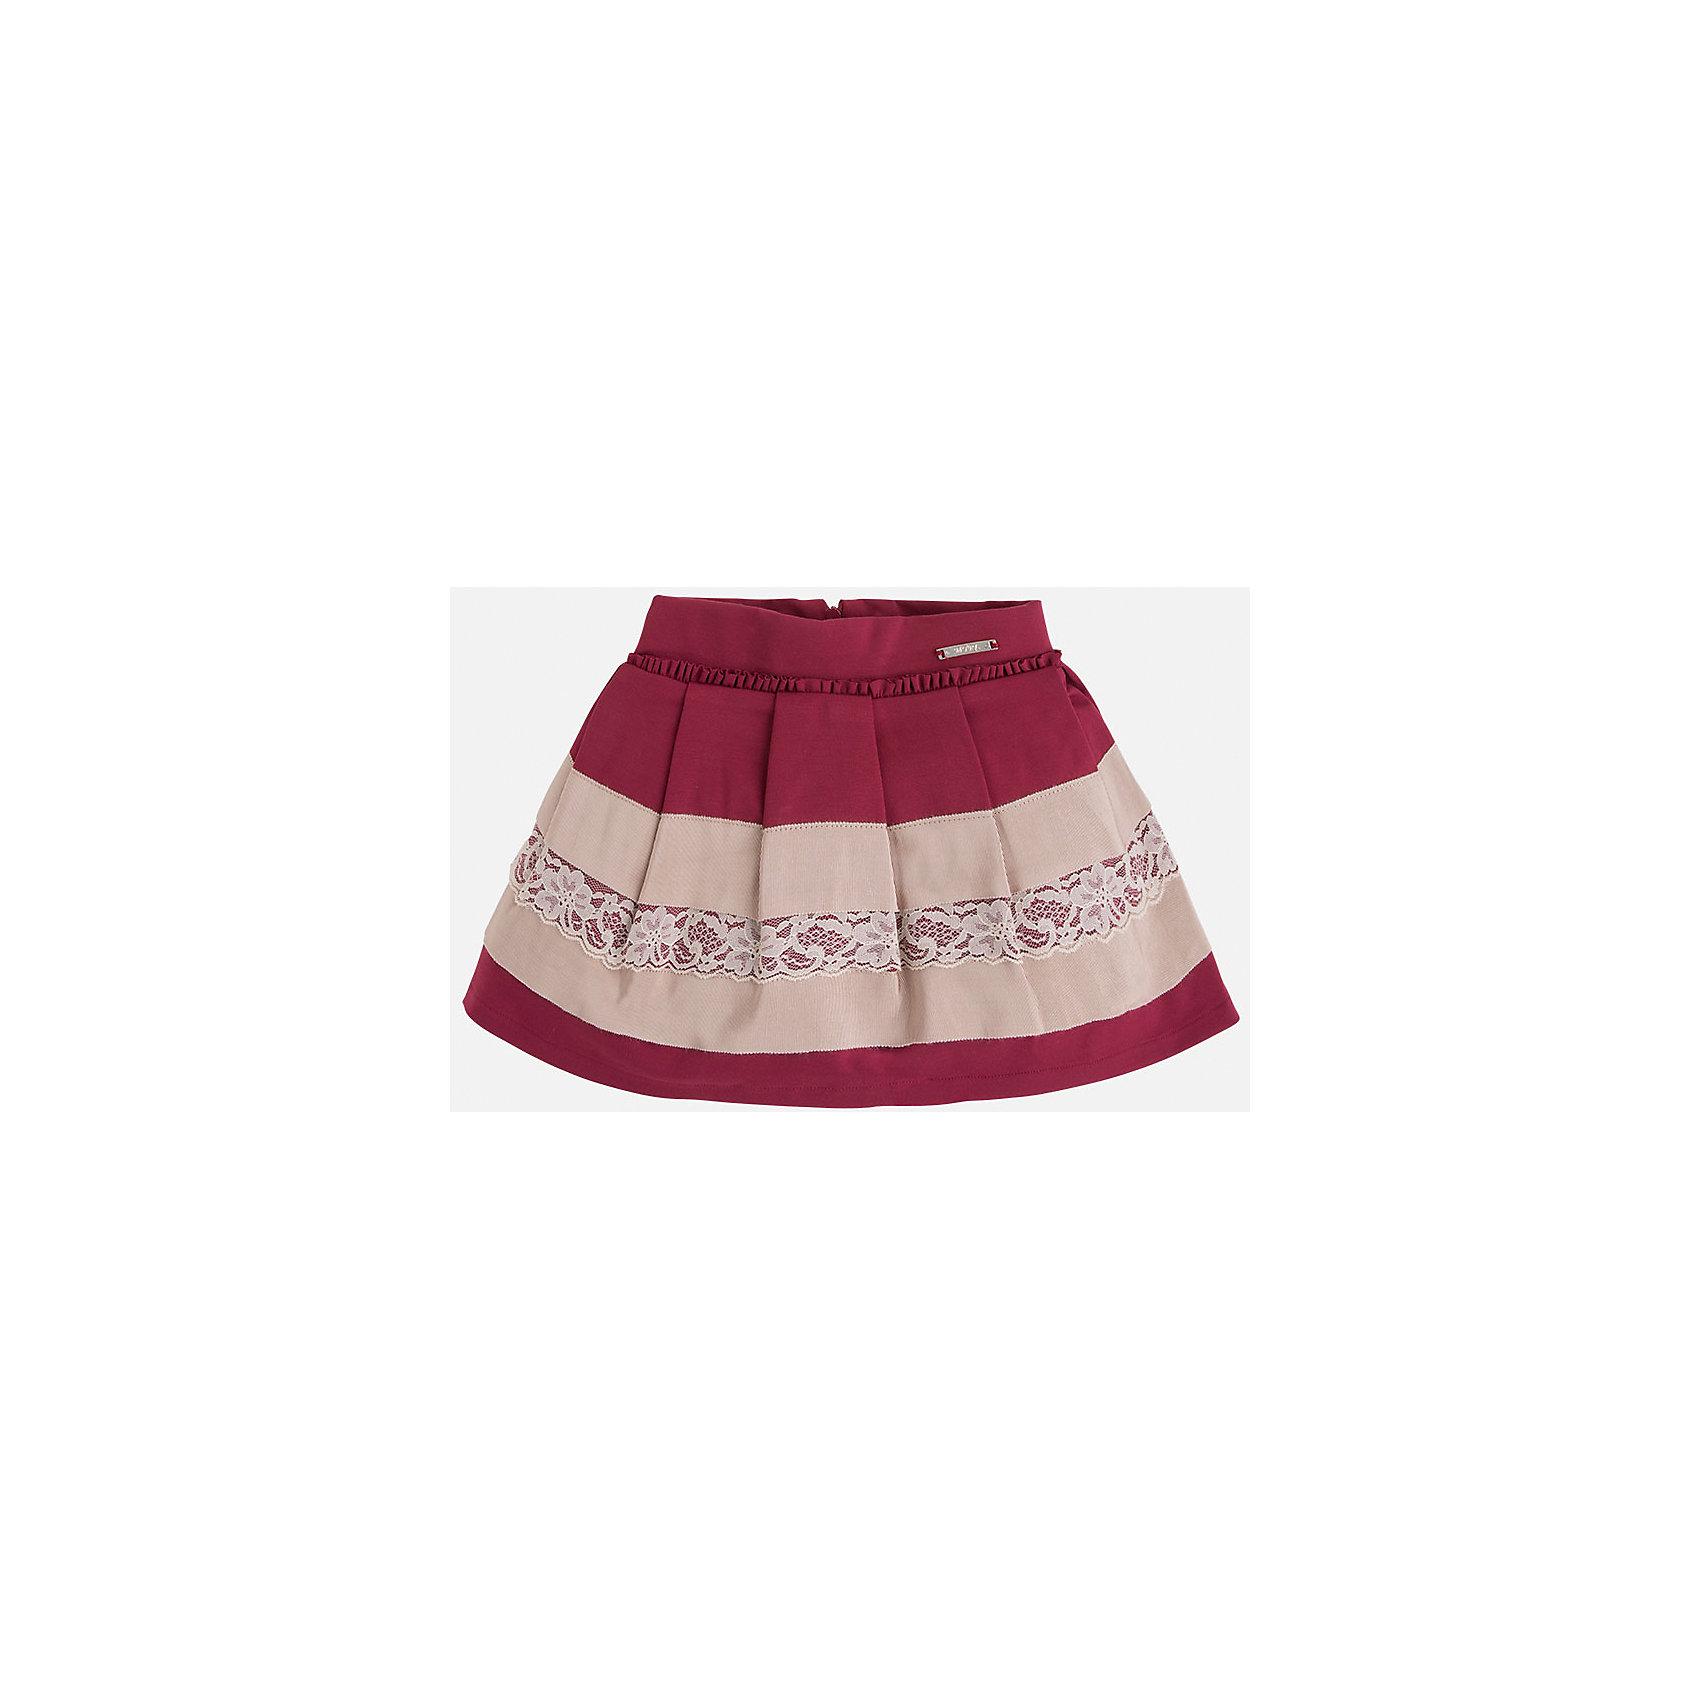 Юбка для девочки MayoralЮбки<br>Юбка для девочка от известного испанского бренда Mayoral(Майорал). Модель изготовлена из качественных материалов, приятных на ощупь. Юбка застегивается на молнию, украшена оборками, нежными кружевами. Контрастный дизайн юбки отлично смотрится на юной моднице!<br>Дополнительная информация:<br>-сзади застегивается на молнию<br>-украшена кружевами и оборками<br>-цвет: красный/бежевый<br>-состав: 71% вискоза, 26% полиамид, 3% эластан; подкладка: 80% полиэстер, 20% хлопок<br>Юбку Mayoral(Майорал) можно приобрести в нашем интернет-магазине.<br><br>Ширина мм: 207<br>Глубина мм: 10<br>Высота мм: 189<br>Вес г: 183<br>Цвет: красный<br>Возраст от месяцев: 96<br>Возраст до месяцев: 108<br>Пол: Женский<br>Возраст: Детский<br>Размер: 128,98,122,104,116,110,134<br>SKU: 4844231